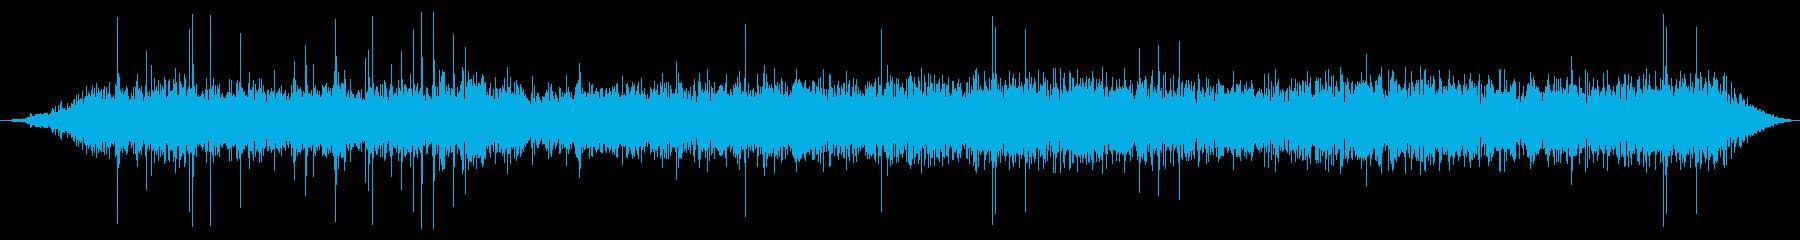 パチパチ火、シューとパチパチの再生済みの波形